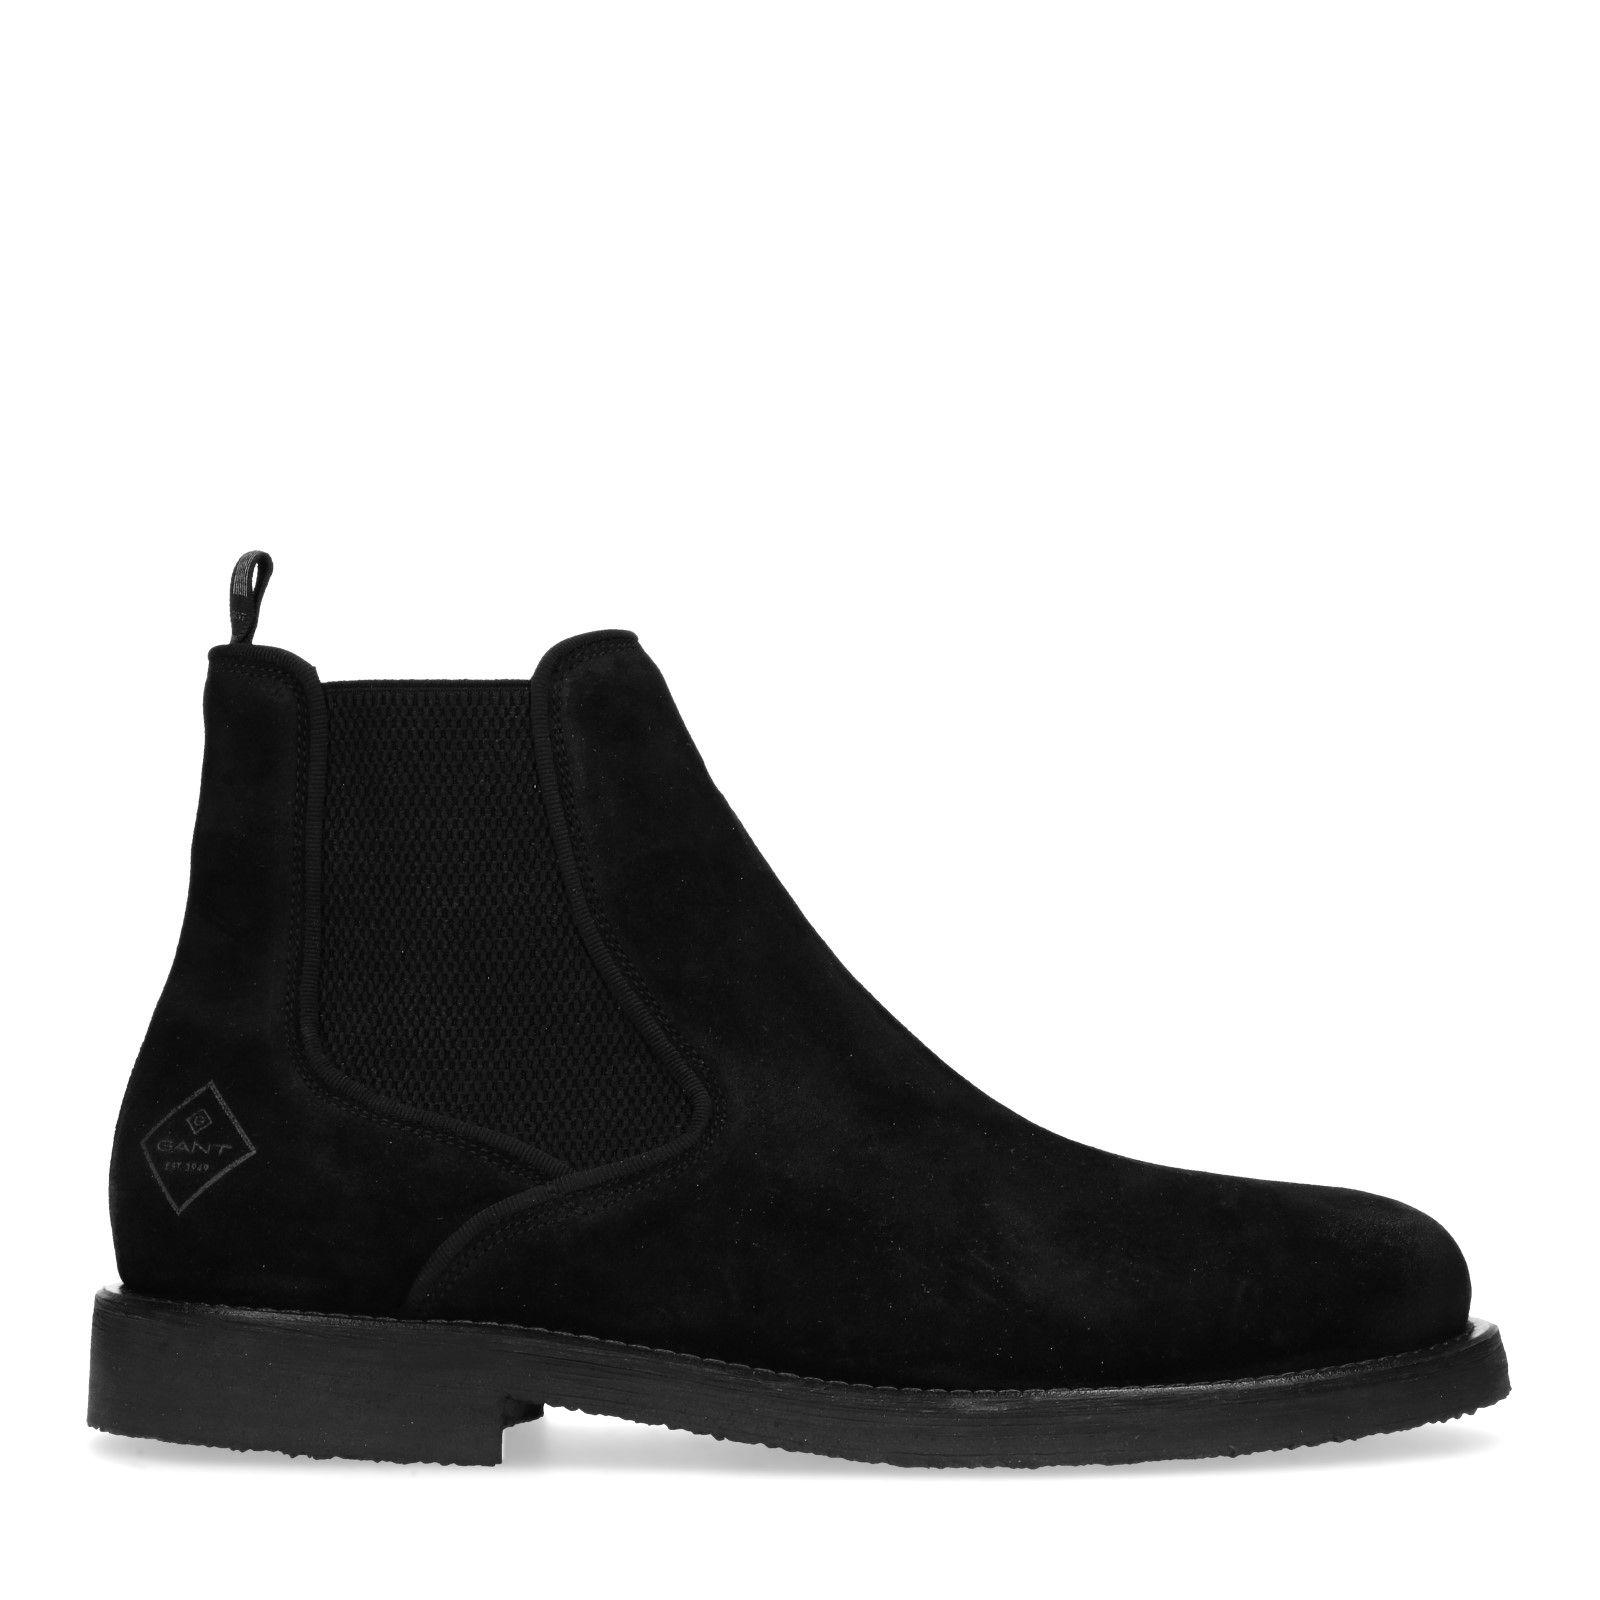 Gant GANT Barkley Chelsea boots noir